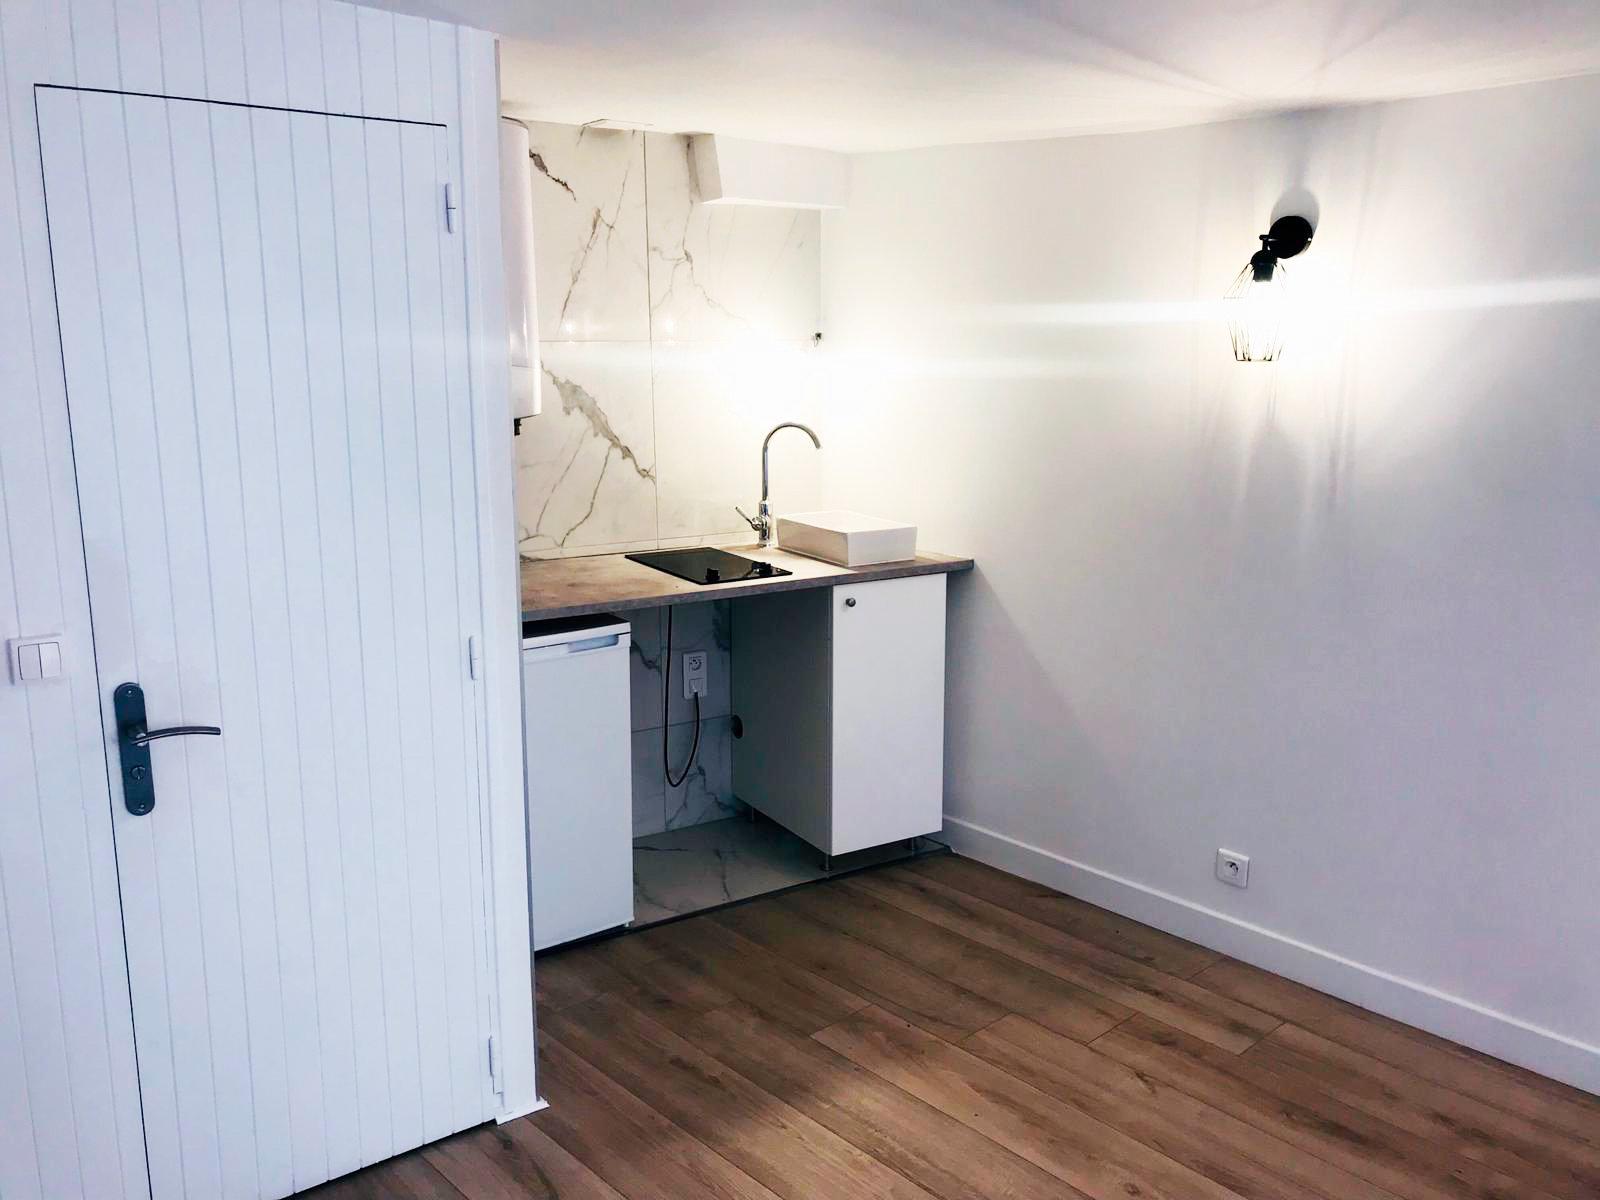 Studio - Saint Germain des près - 75006 Paris